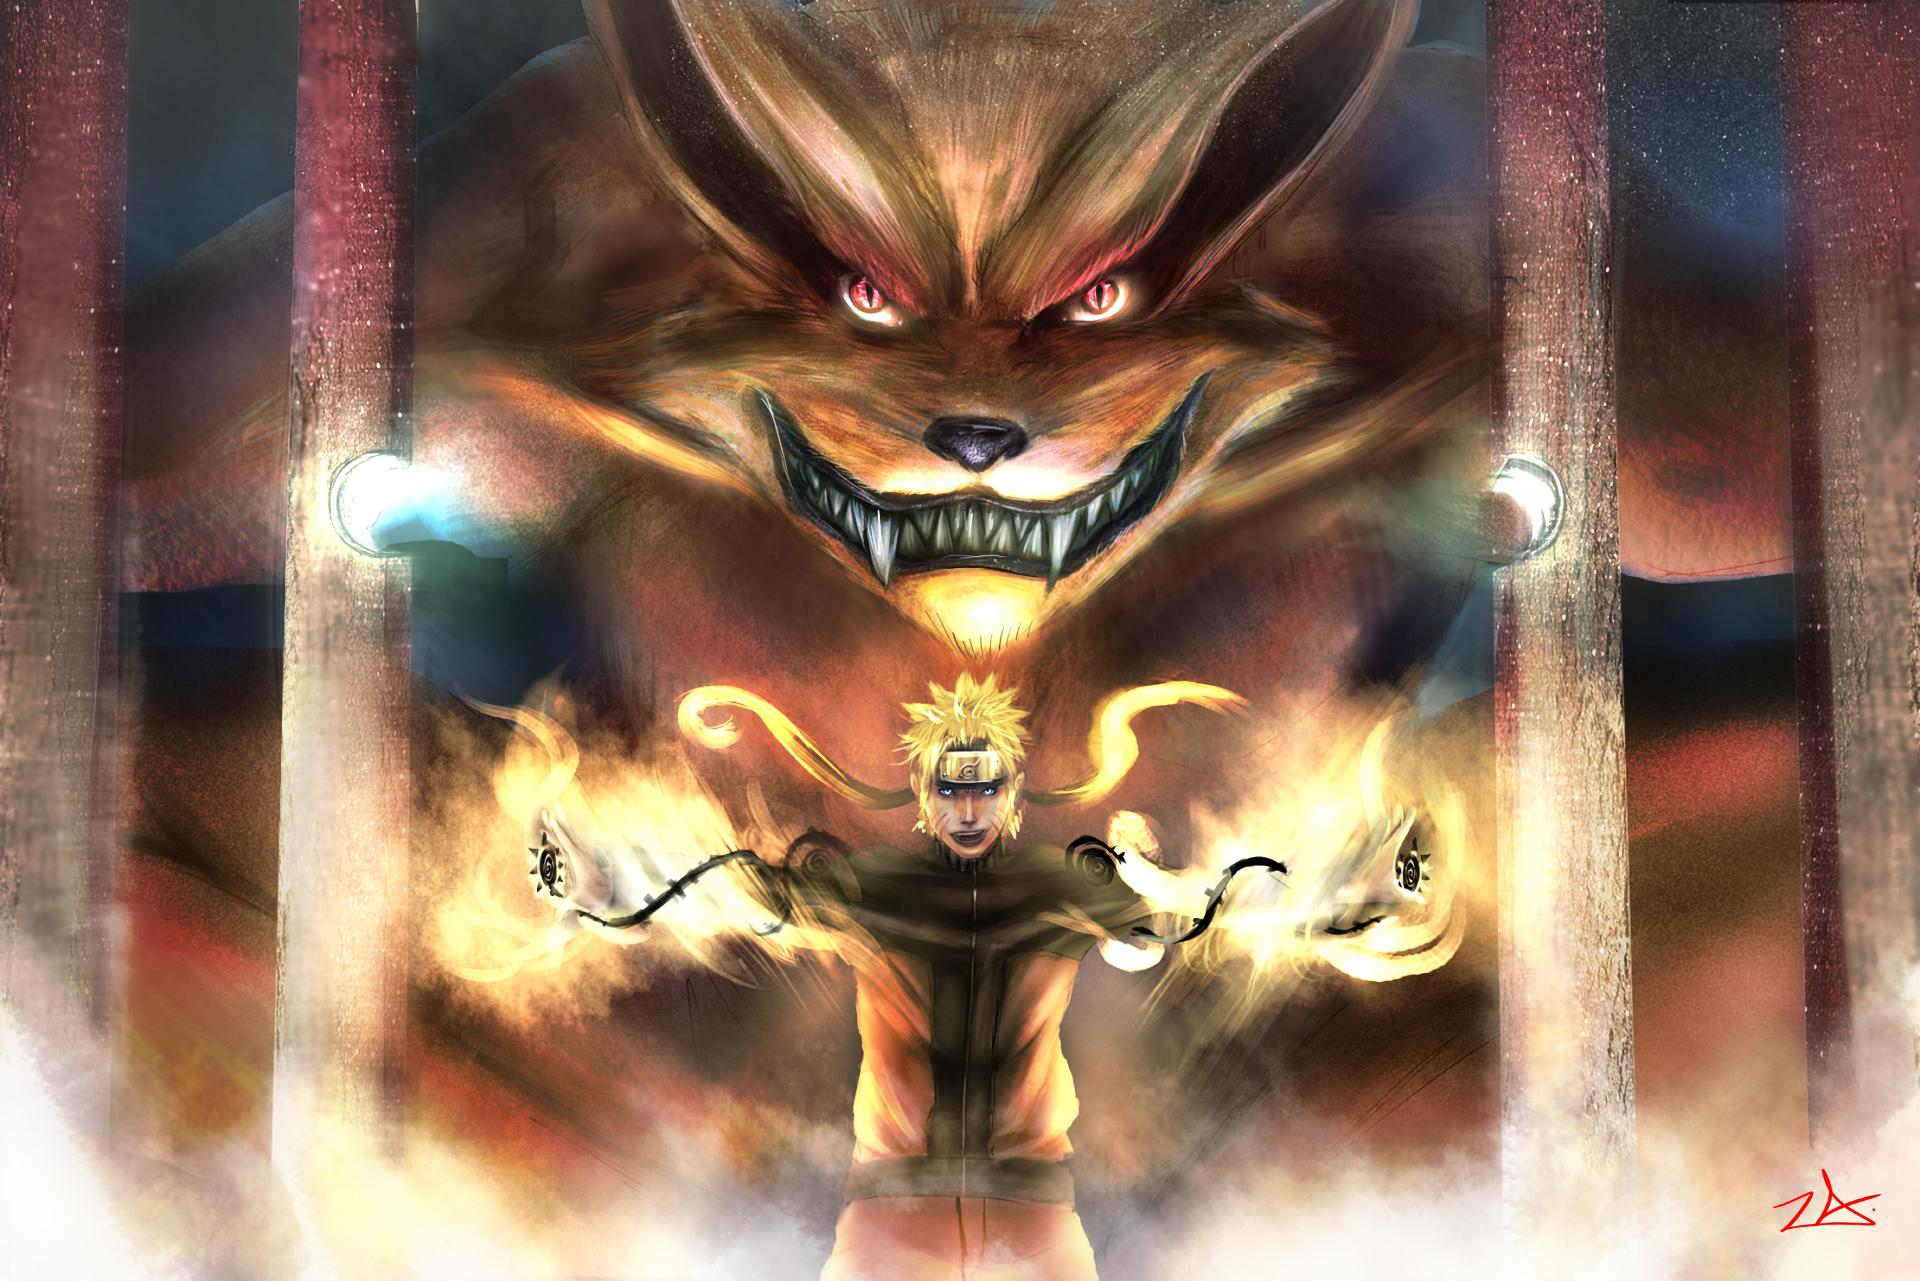 Naruto Kurama Anime Naruto Naruto Uzumaki Kurama Naruto Fox Wallpaper Naruto Wallpaper Naruto Anime Naruto